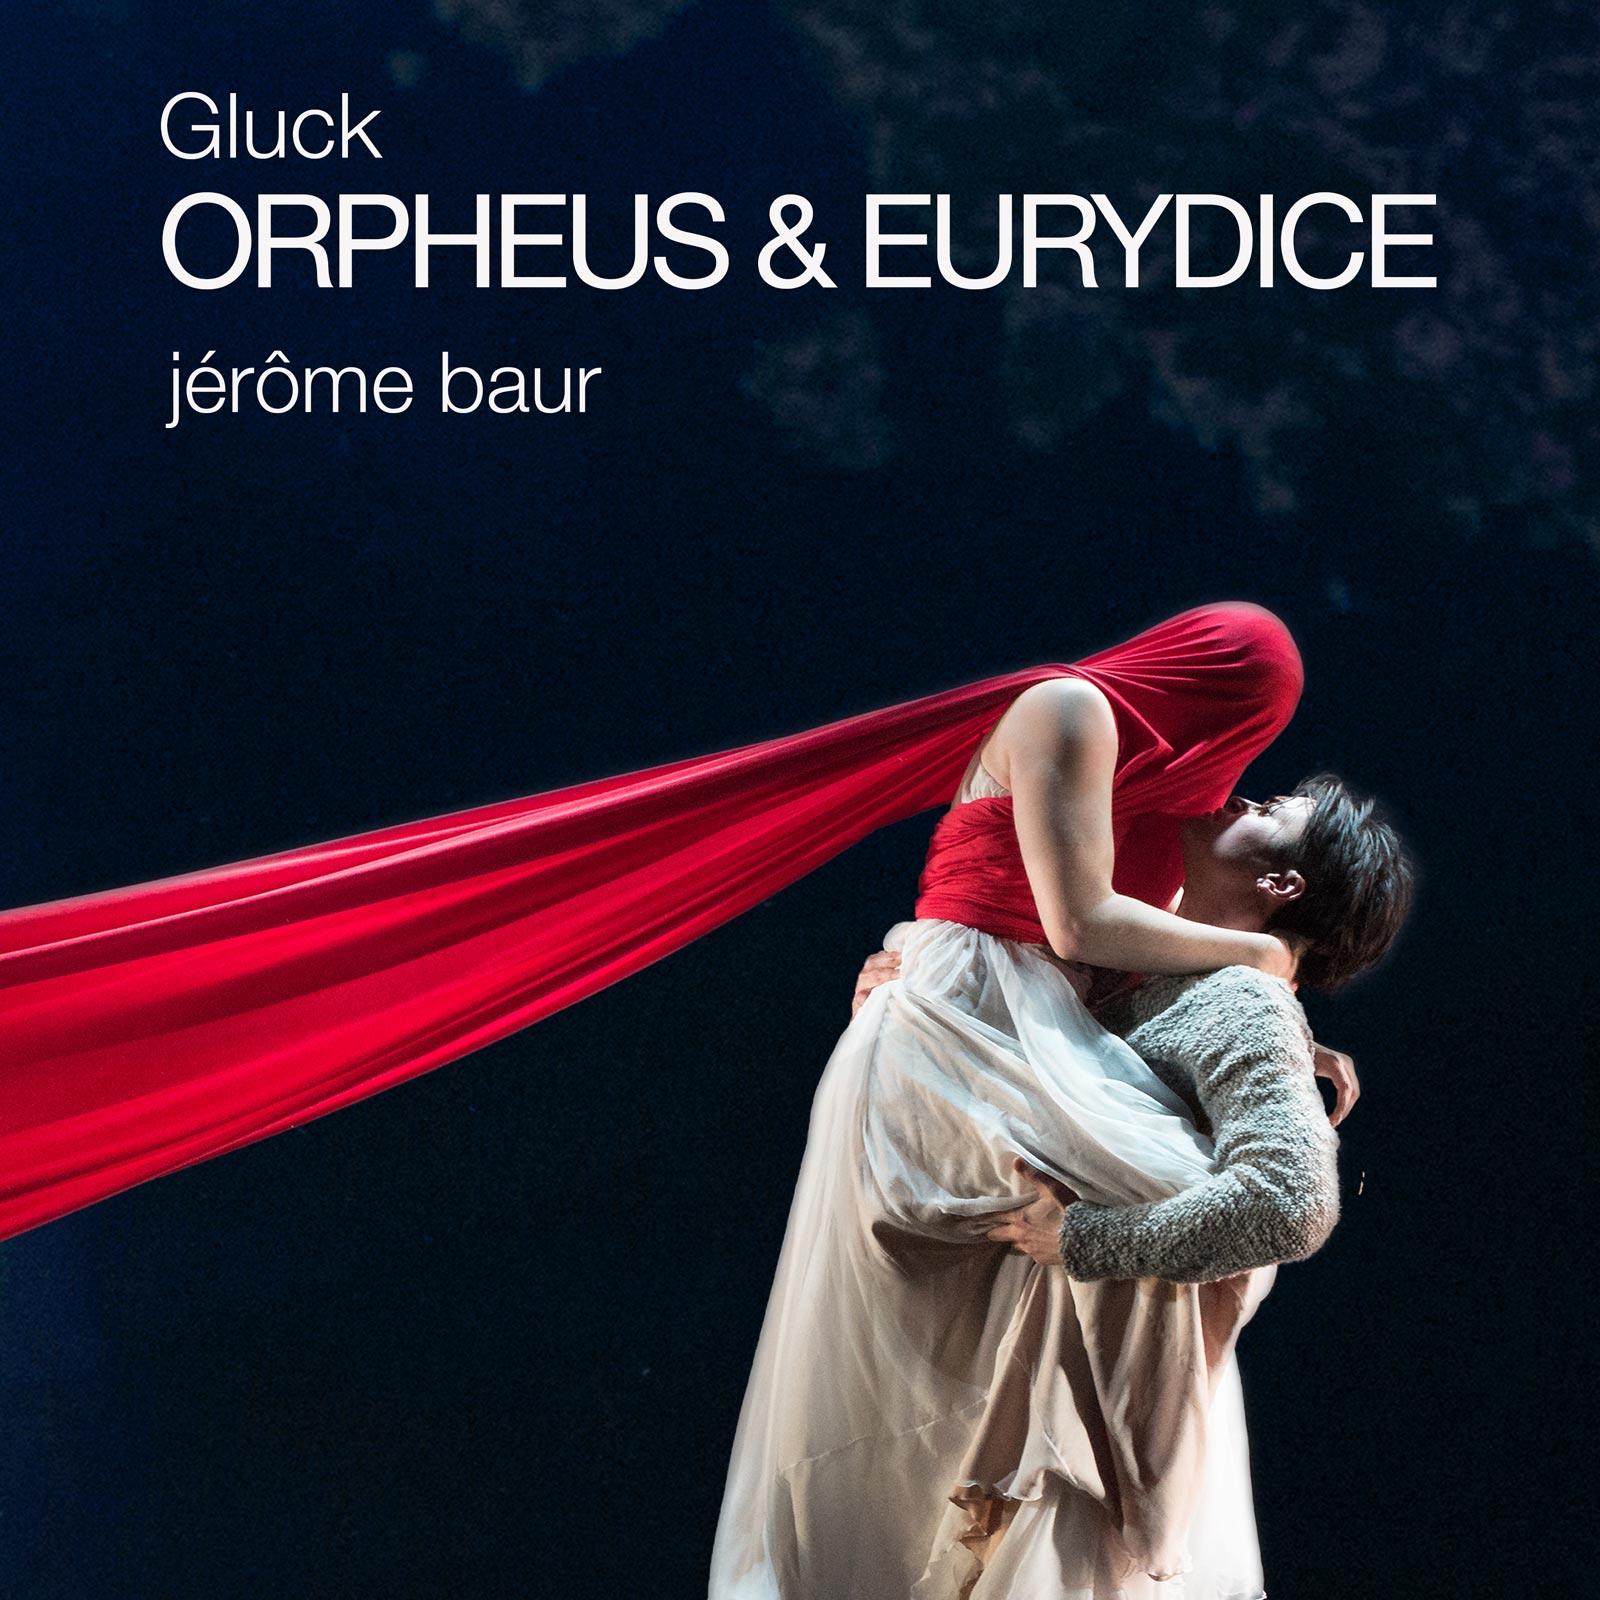 Orpheus & Eurydice - Album Cover